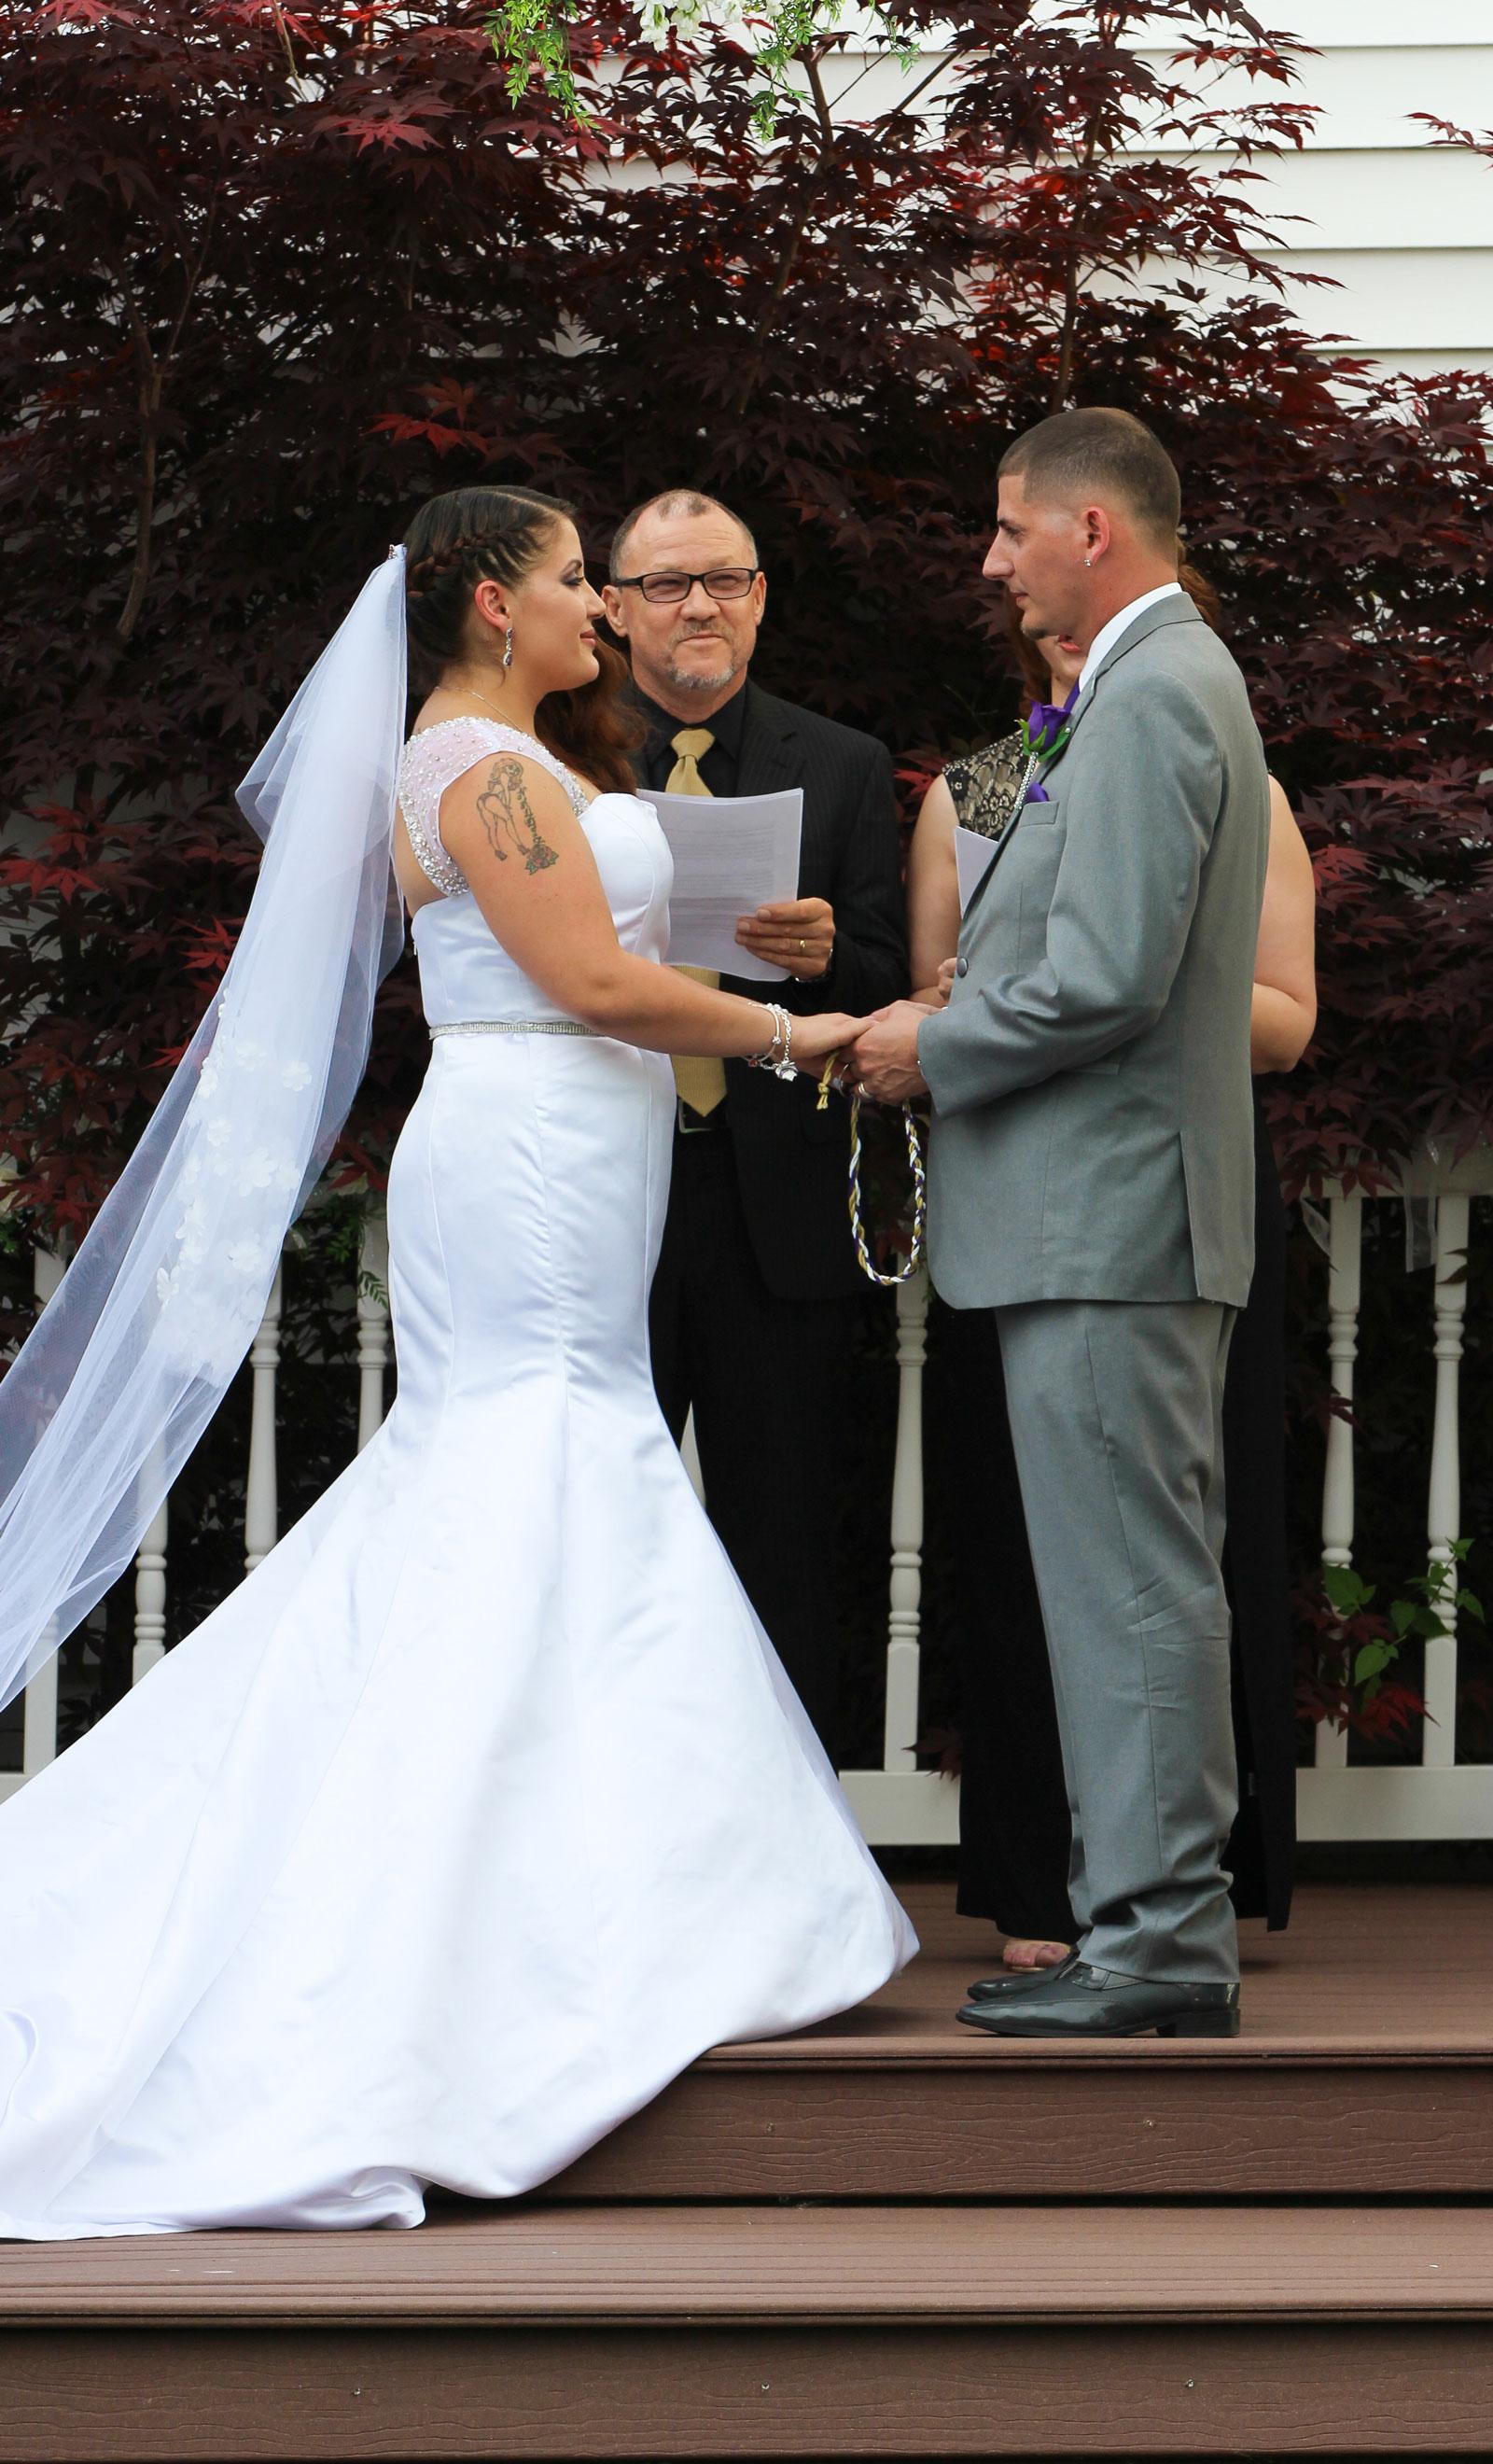 uffalo, NY Wedding Ceremony groom says vows